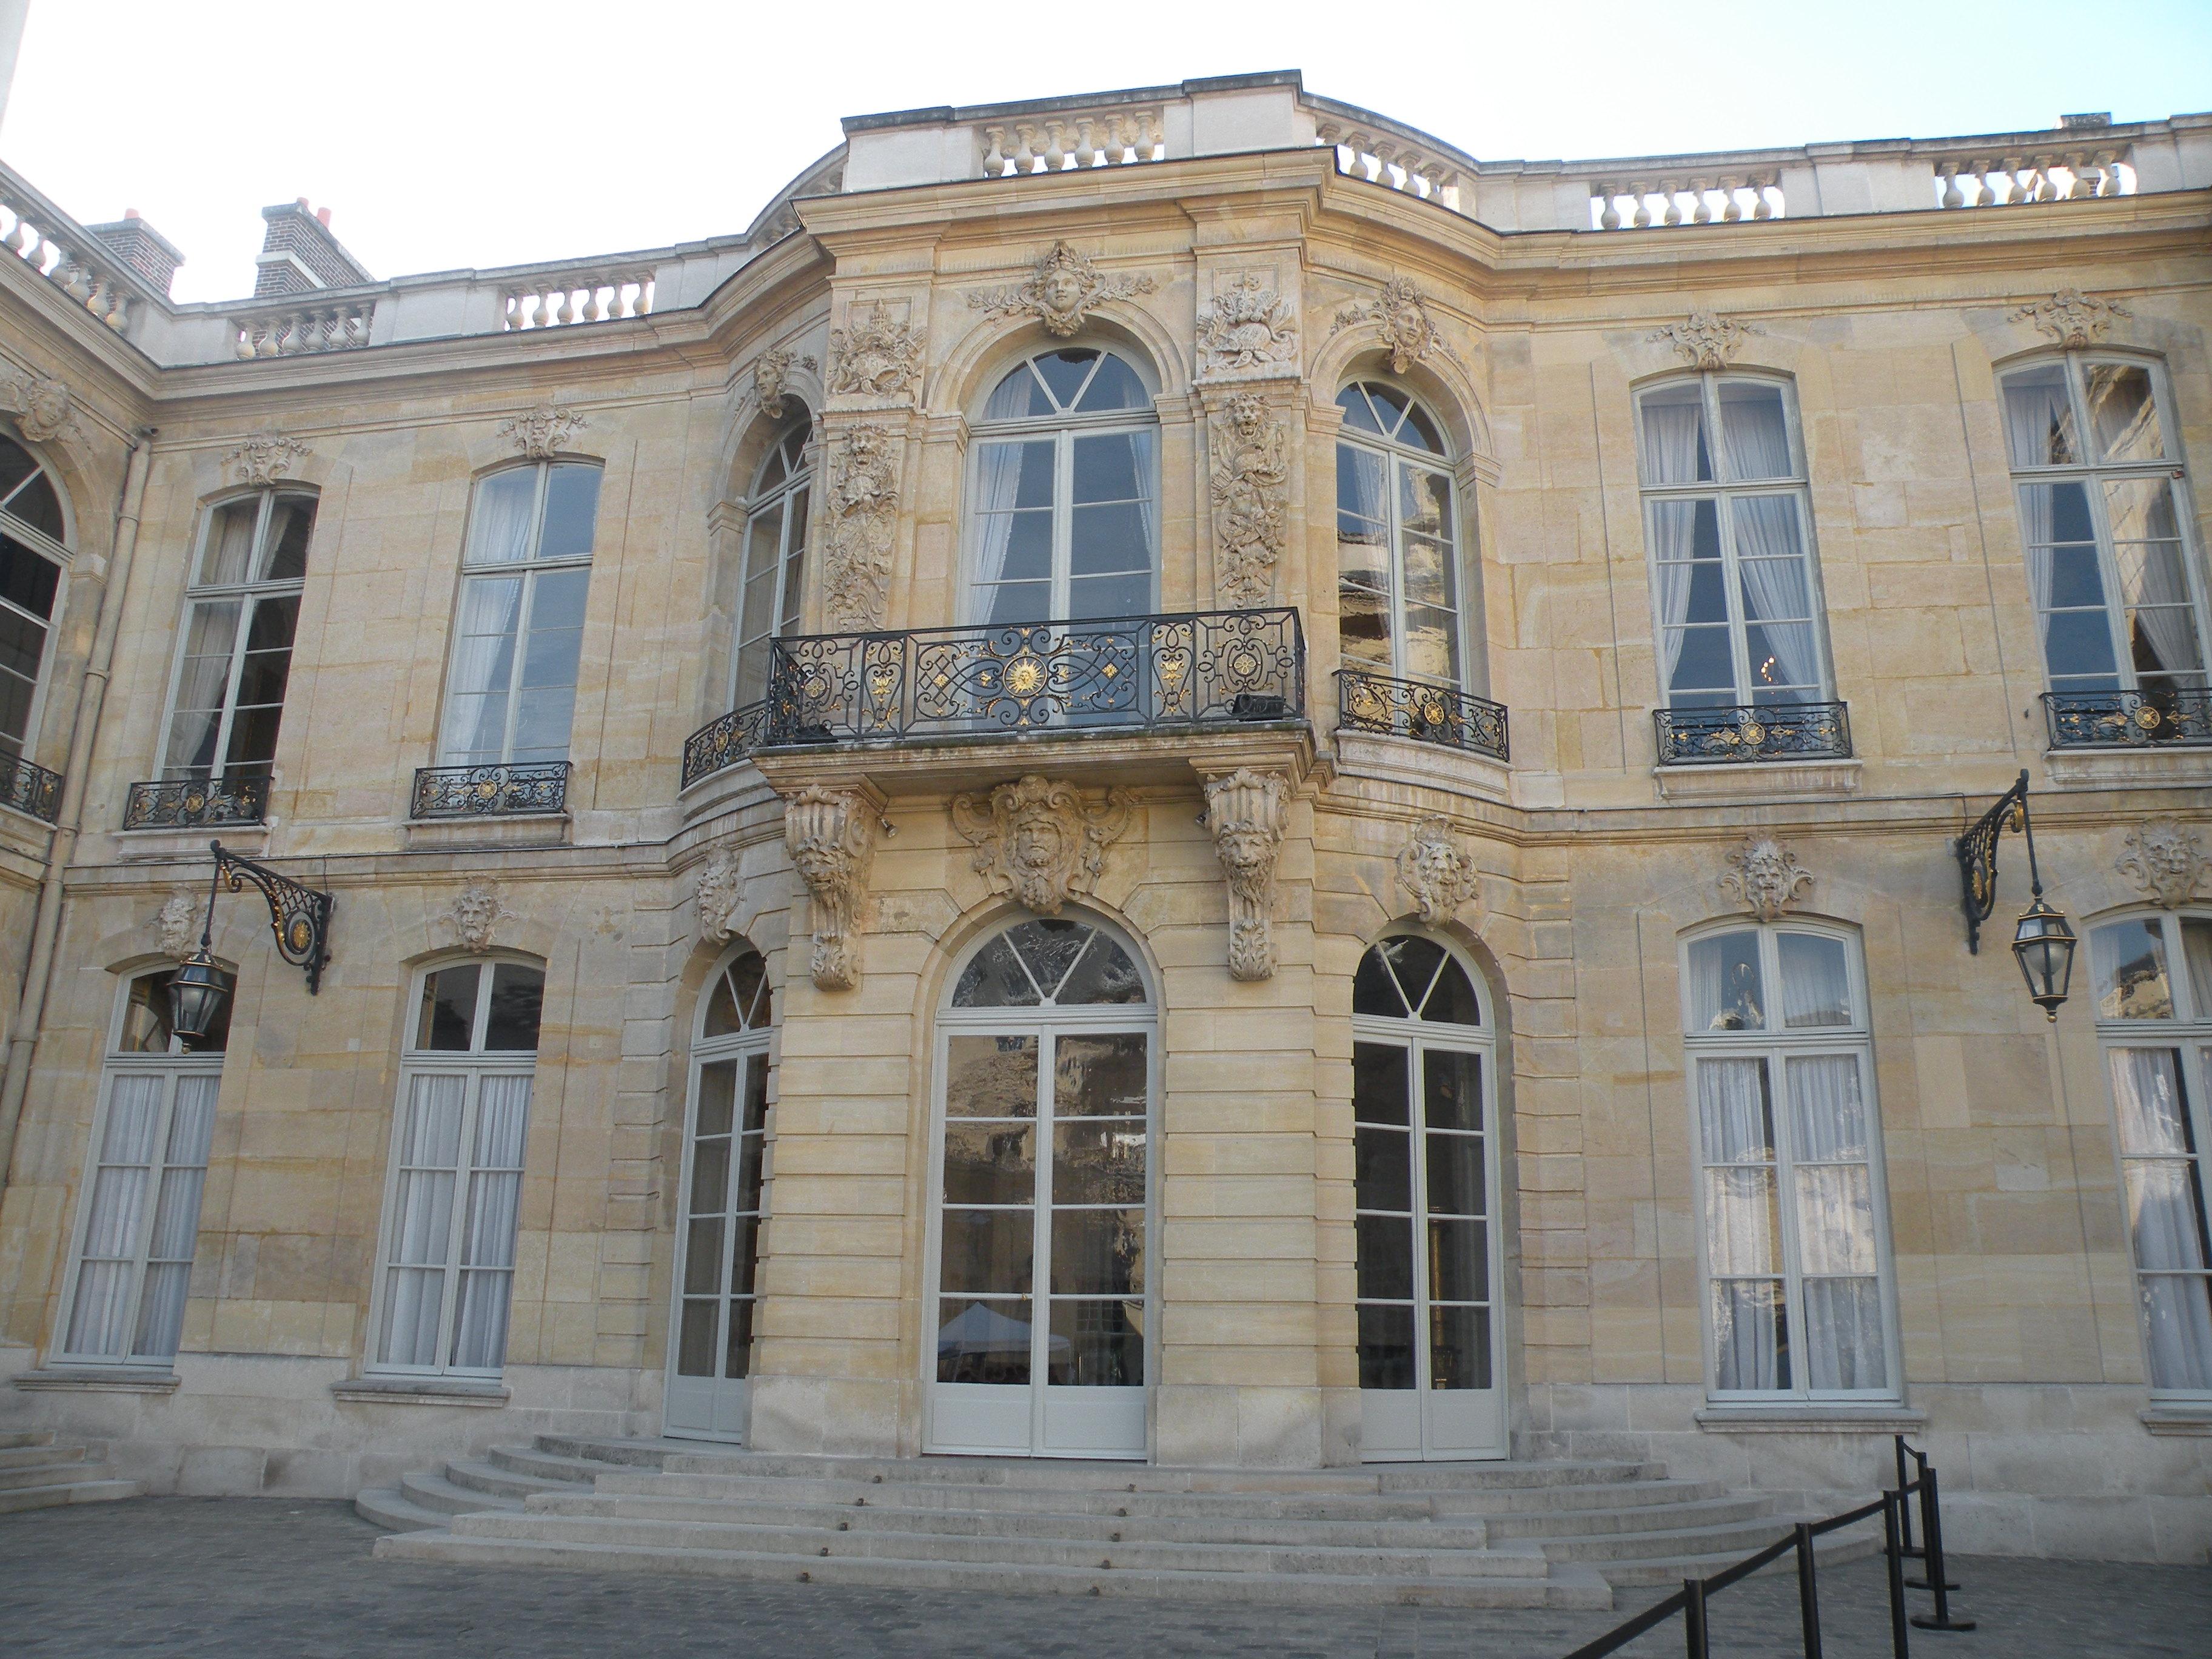 Hôtel Matignon - Wikipedia